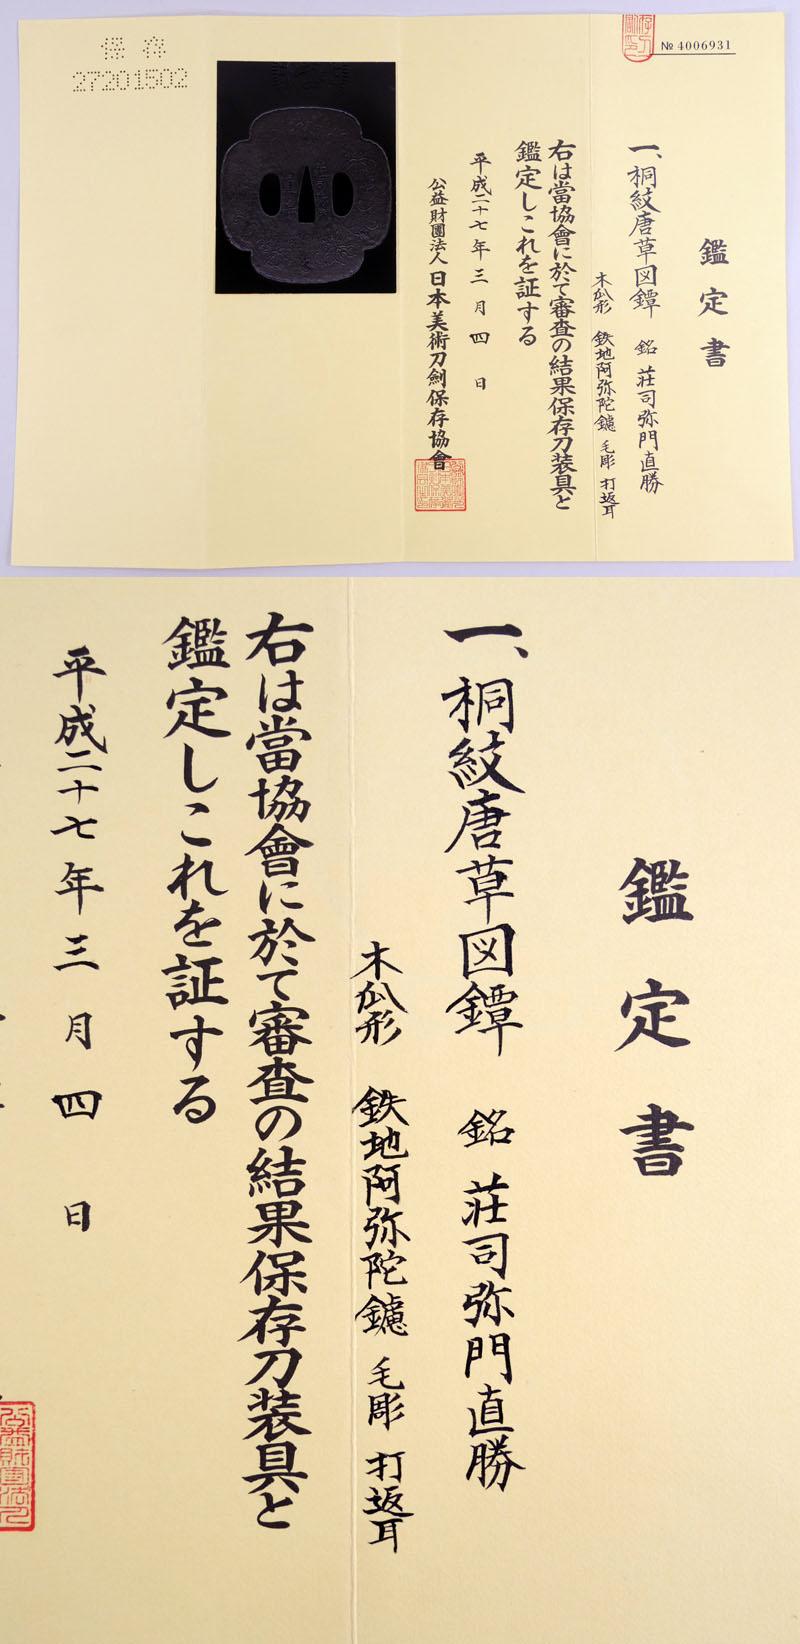 桐紋唐草図鍔 荘司弥門直勝鑑定書画像